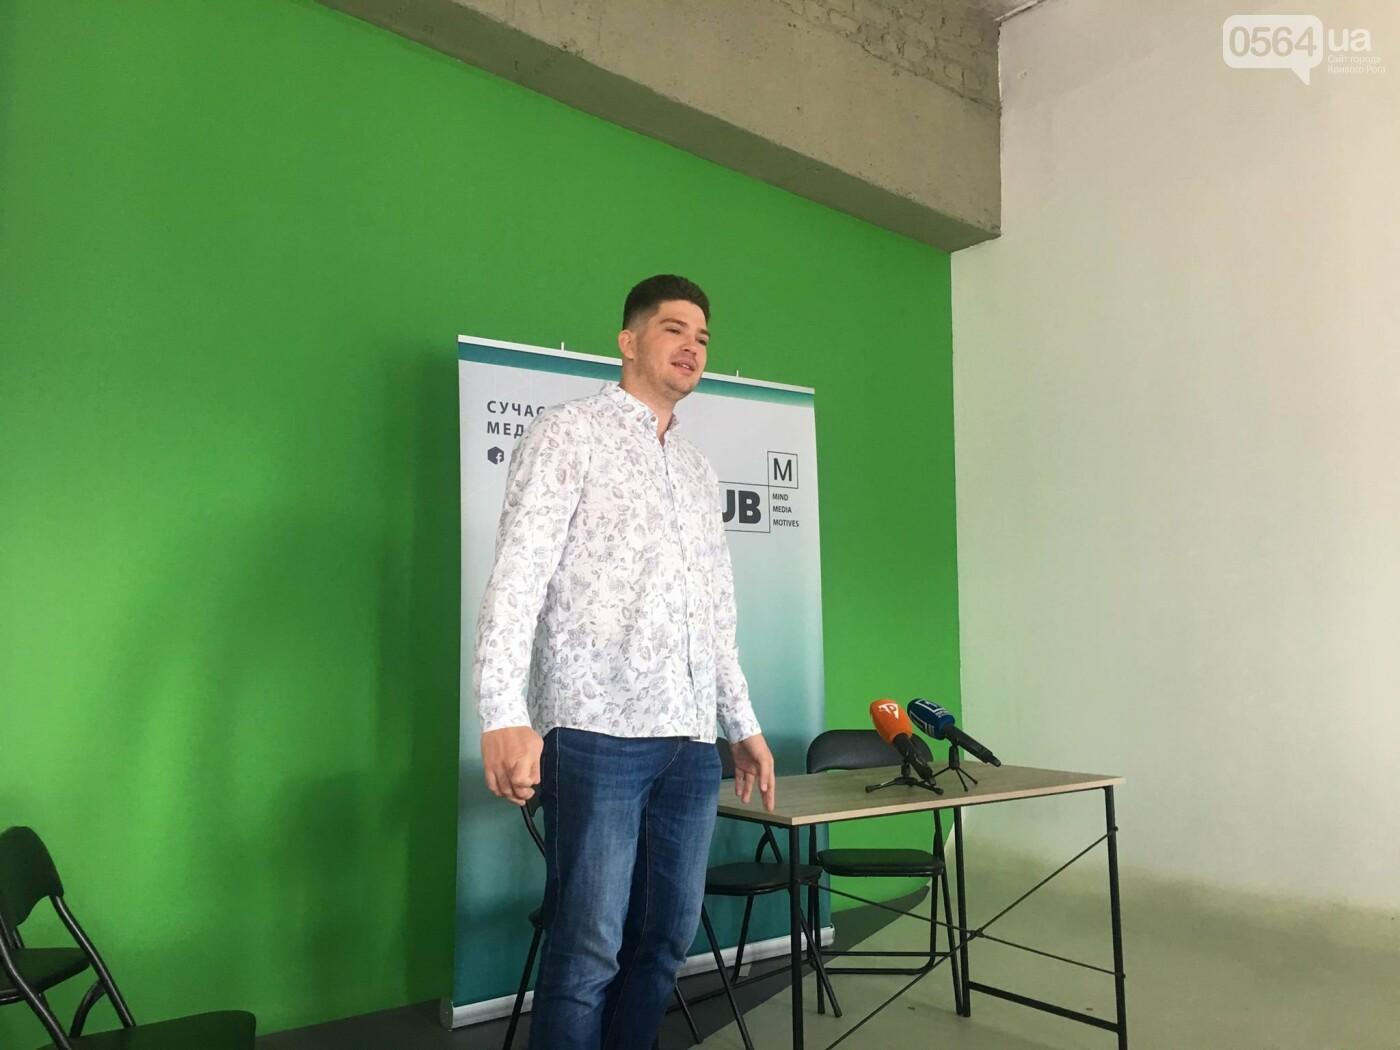 """В Кривом Роге презентовали онлайн-платформу """"Господарі"""", - ФОТО, ВИДЕО , фото-4"""